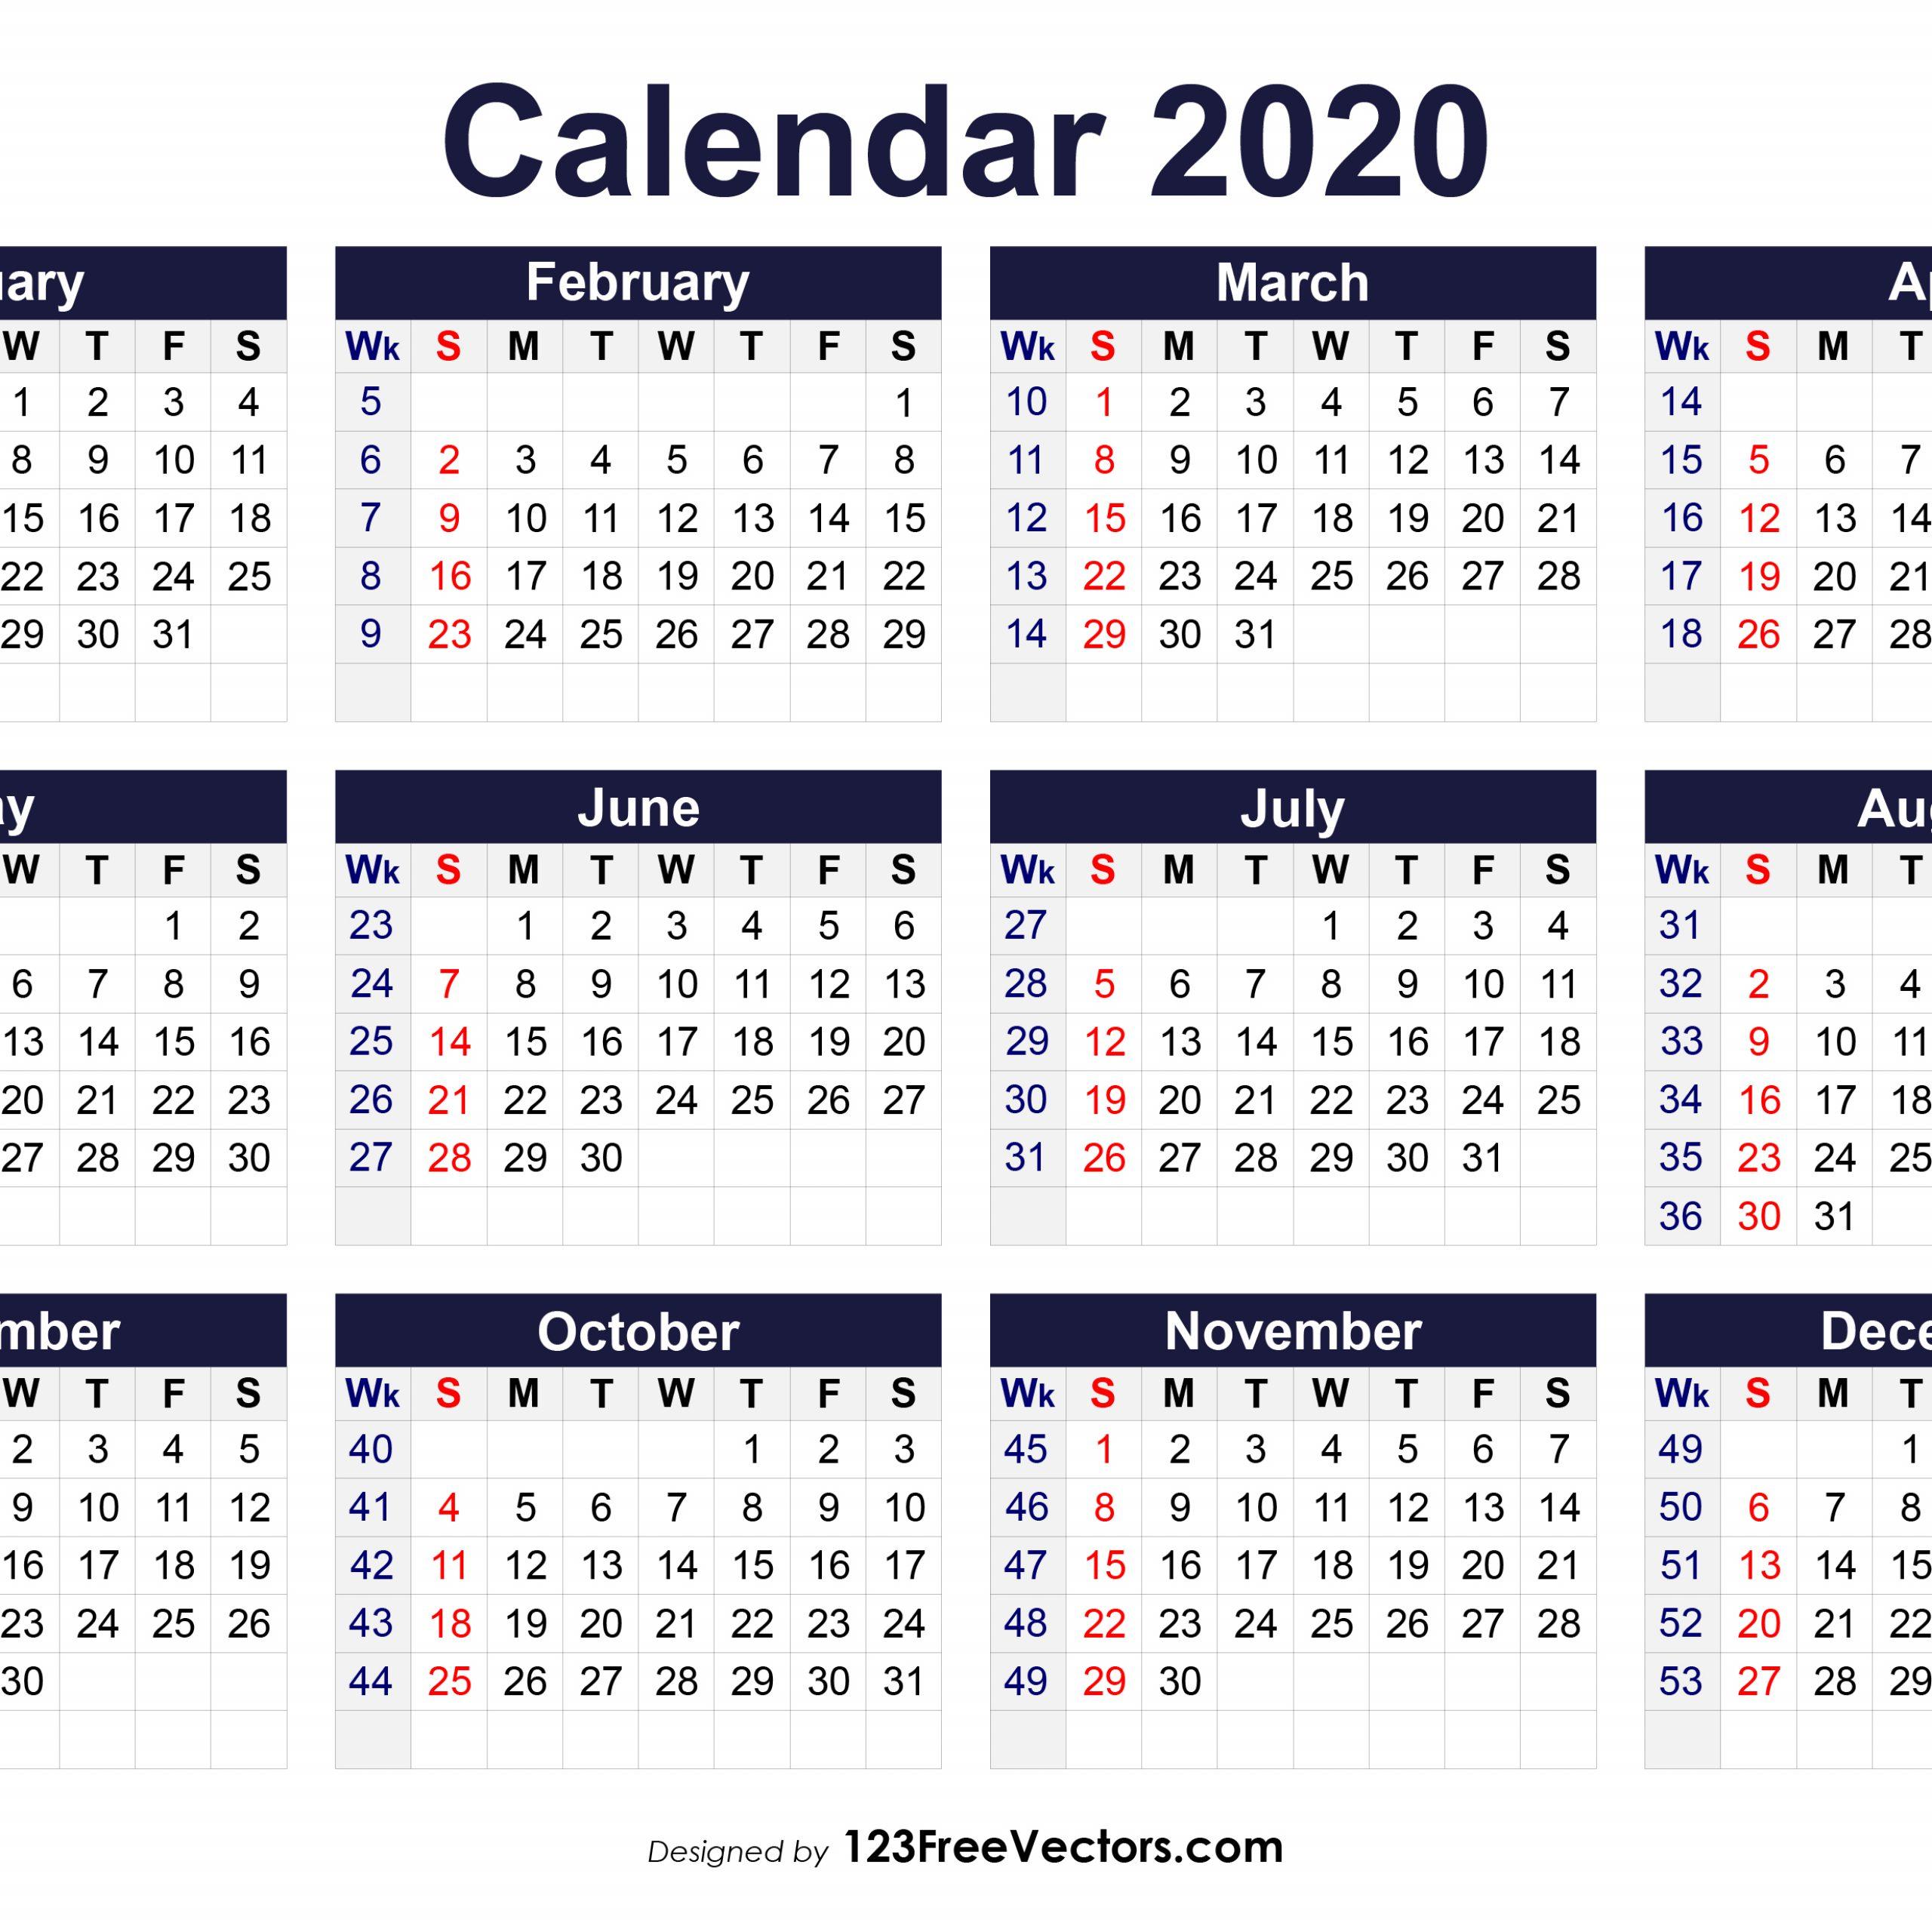 2020 Calendar Showing Week Numbers | Free Printable Calendar